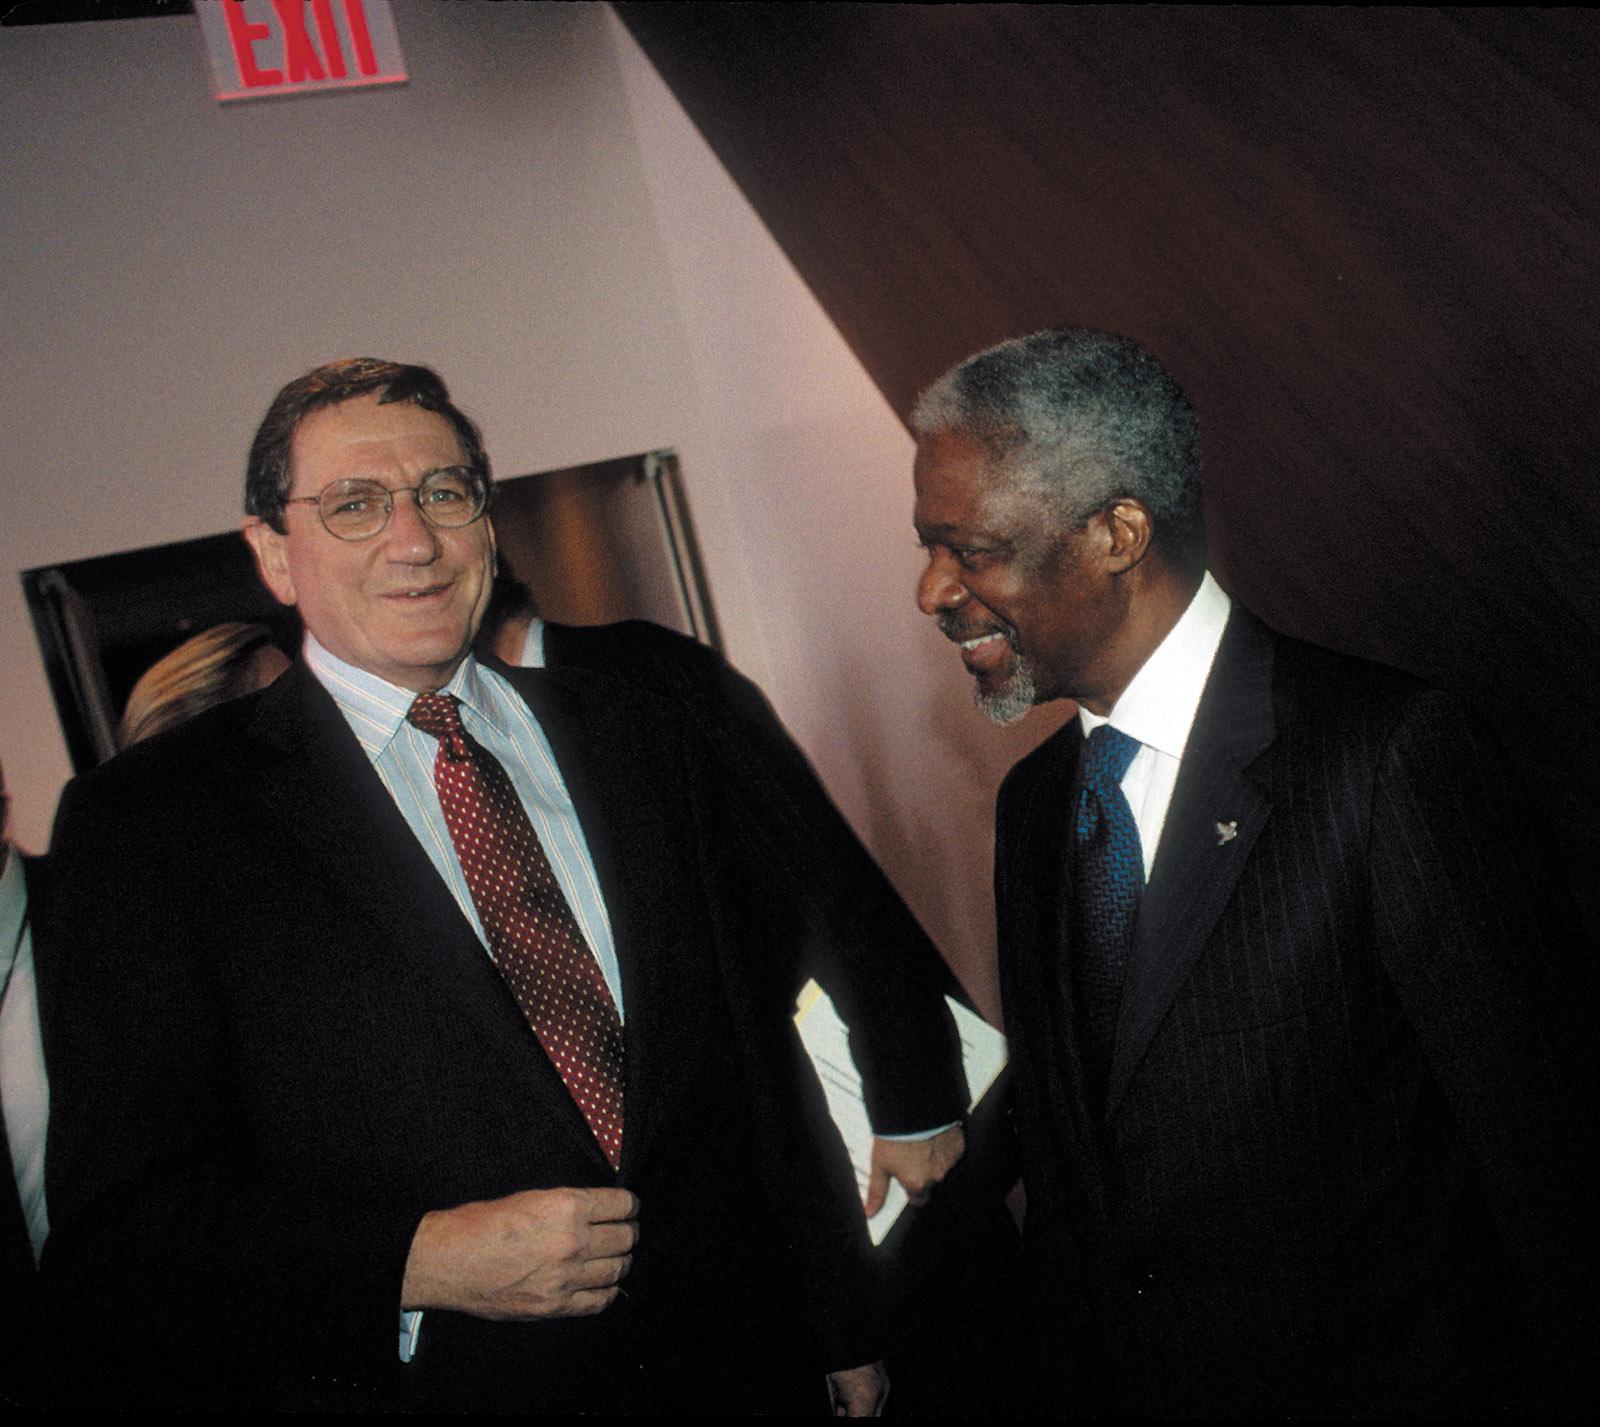 Richard Holbrooke and Kofi Annan at the United Nations, October 2000